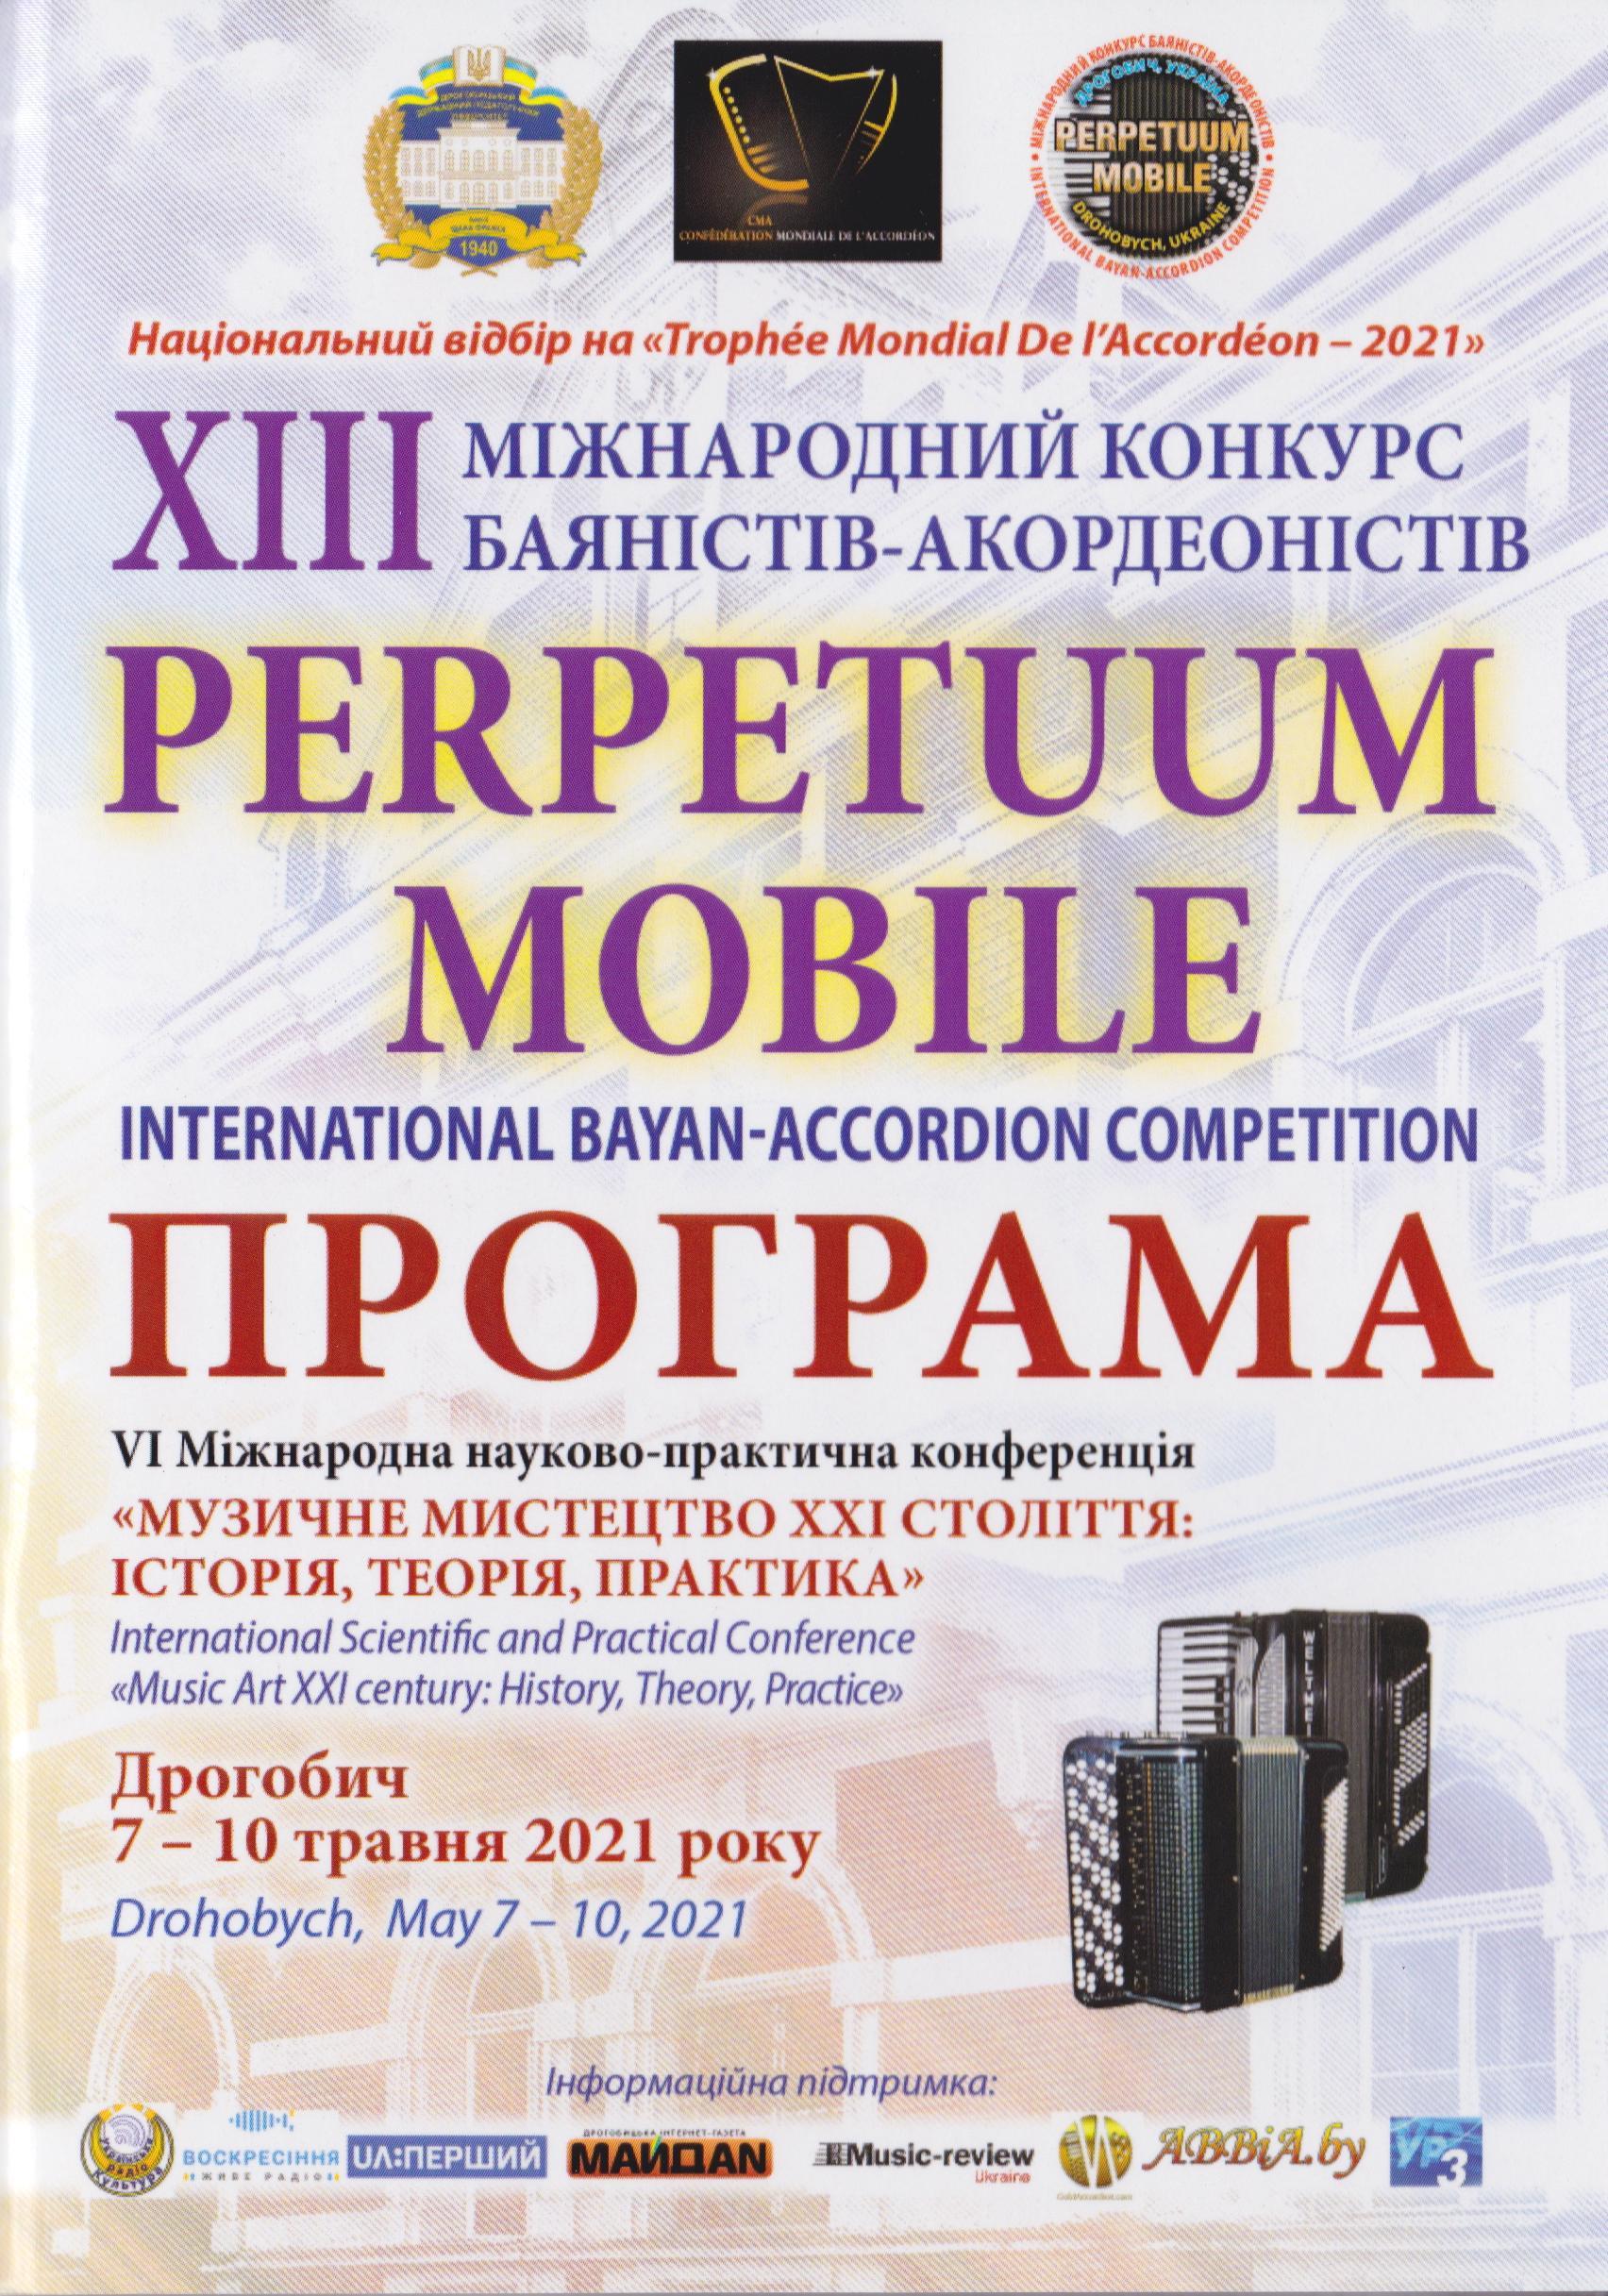 Програма конкурсу